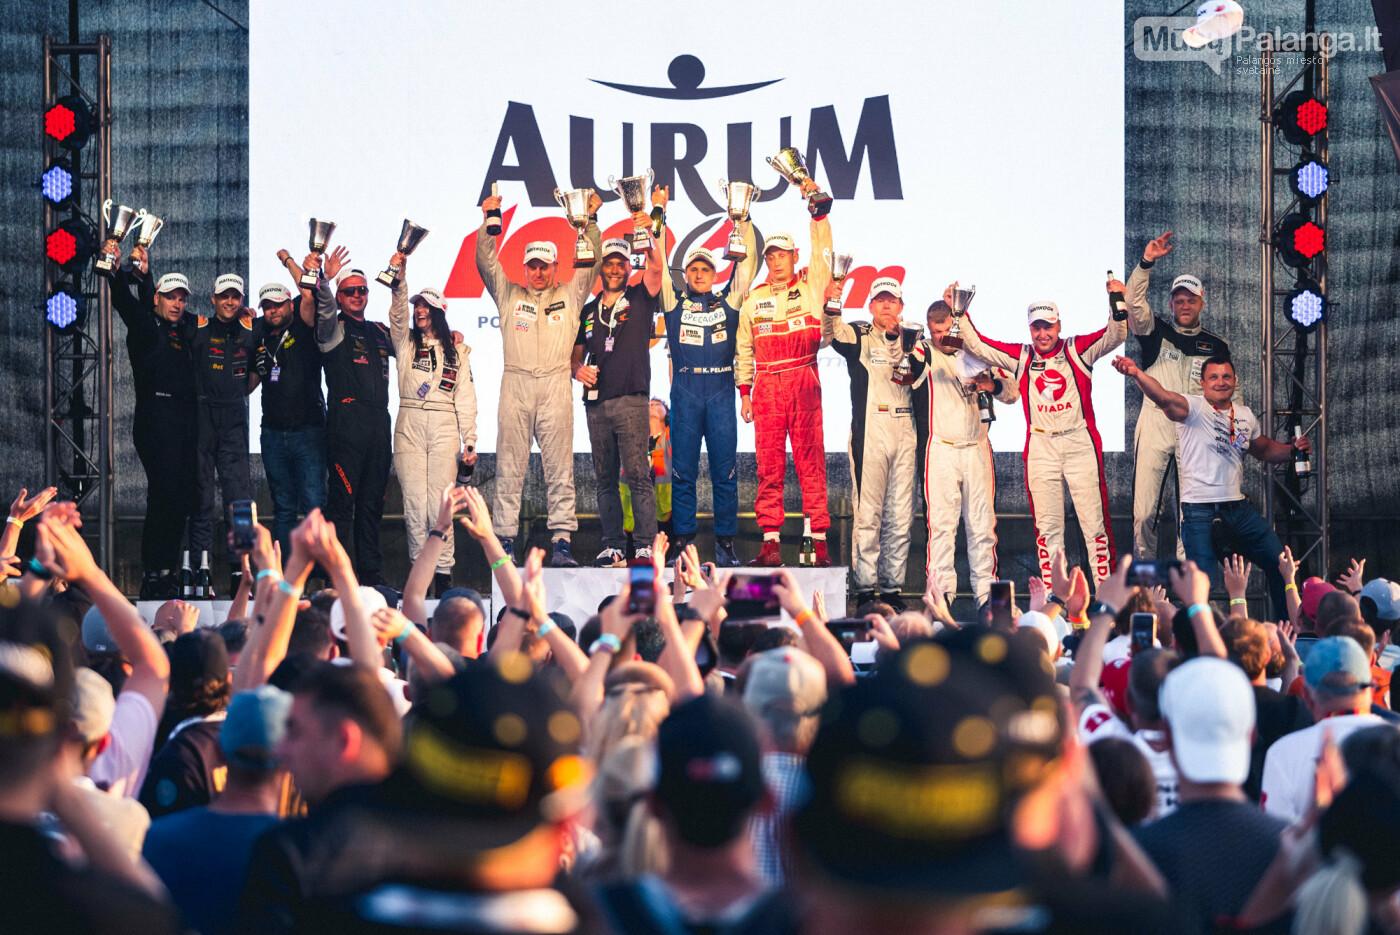 """""""Aurum 1006 km"""" lenktynėse Palangoje – praėjusių metų nugalėtojų triumfas , nuotrauka-22, Vytauto PILKAUSKO ir Arno STRUMILOS nuotr."""